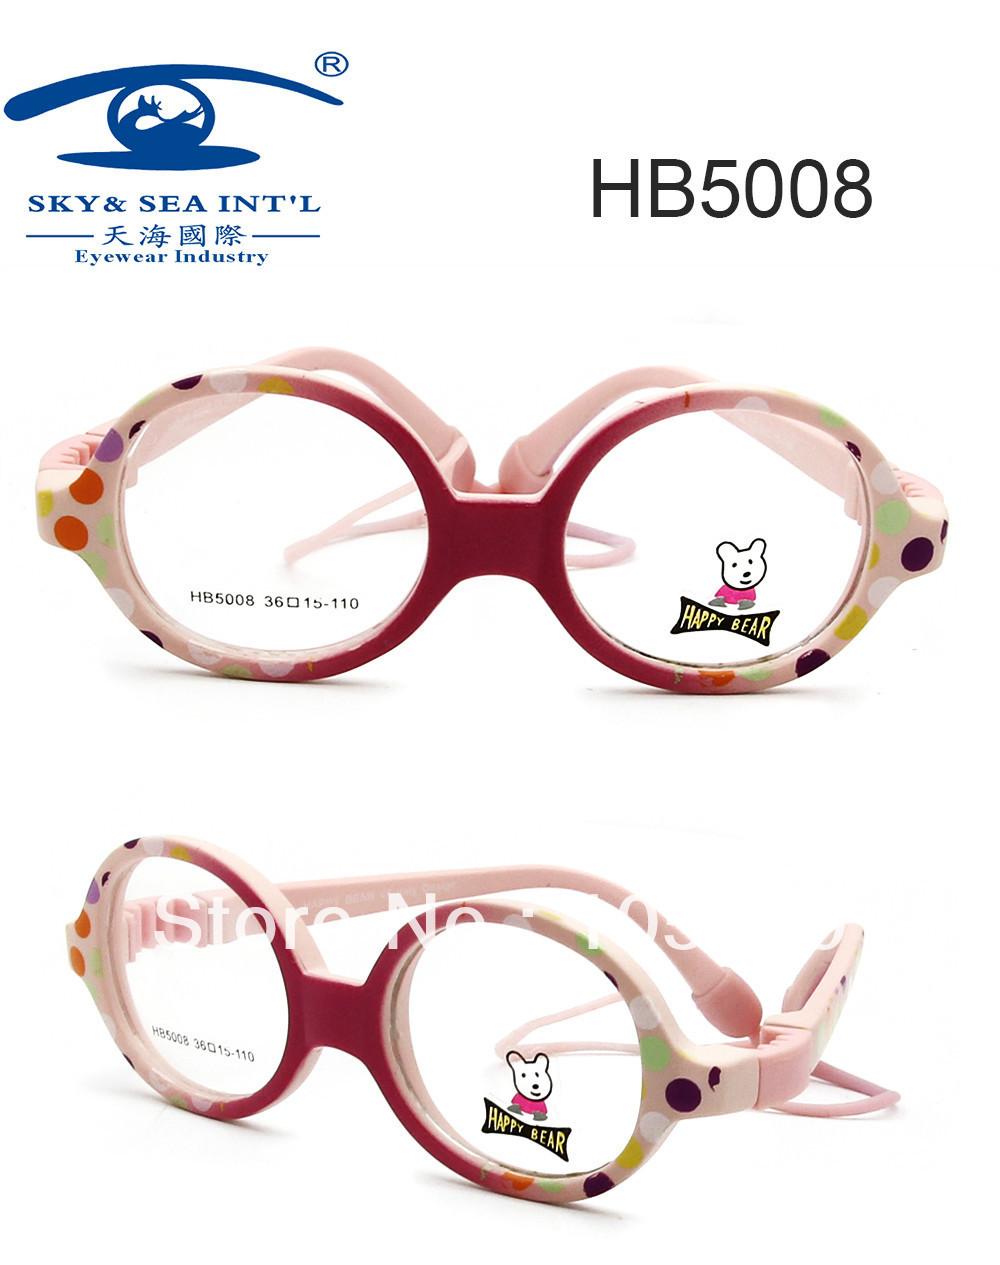 Prescription Glasses Frames For Toddlers : New Retail Original Brand Designer Eyeglasses for ...